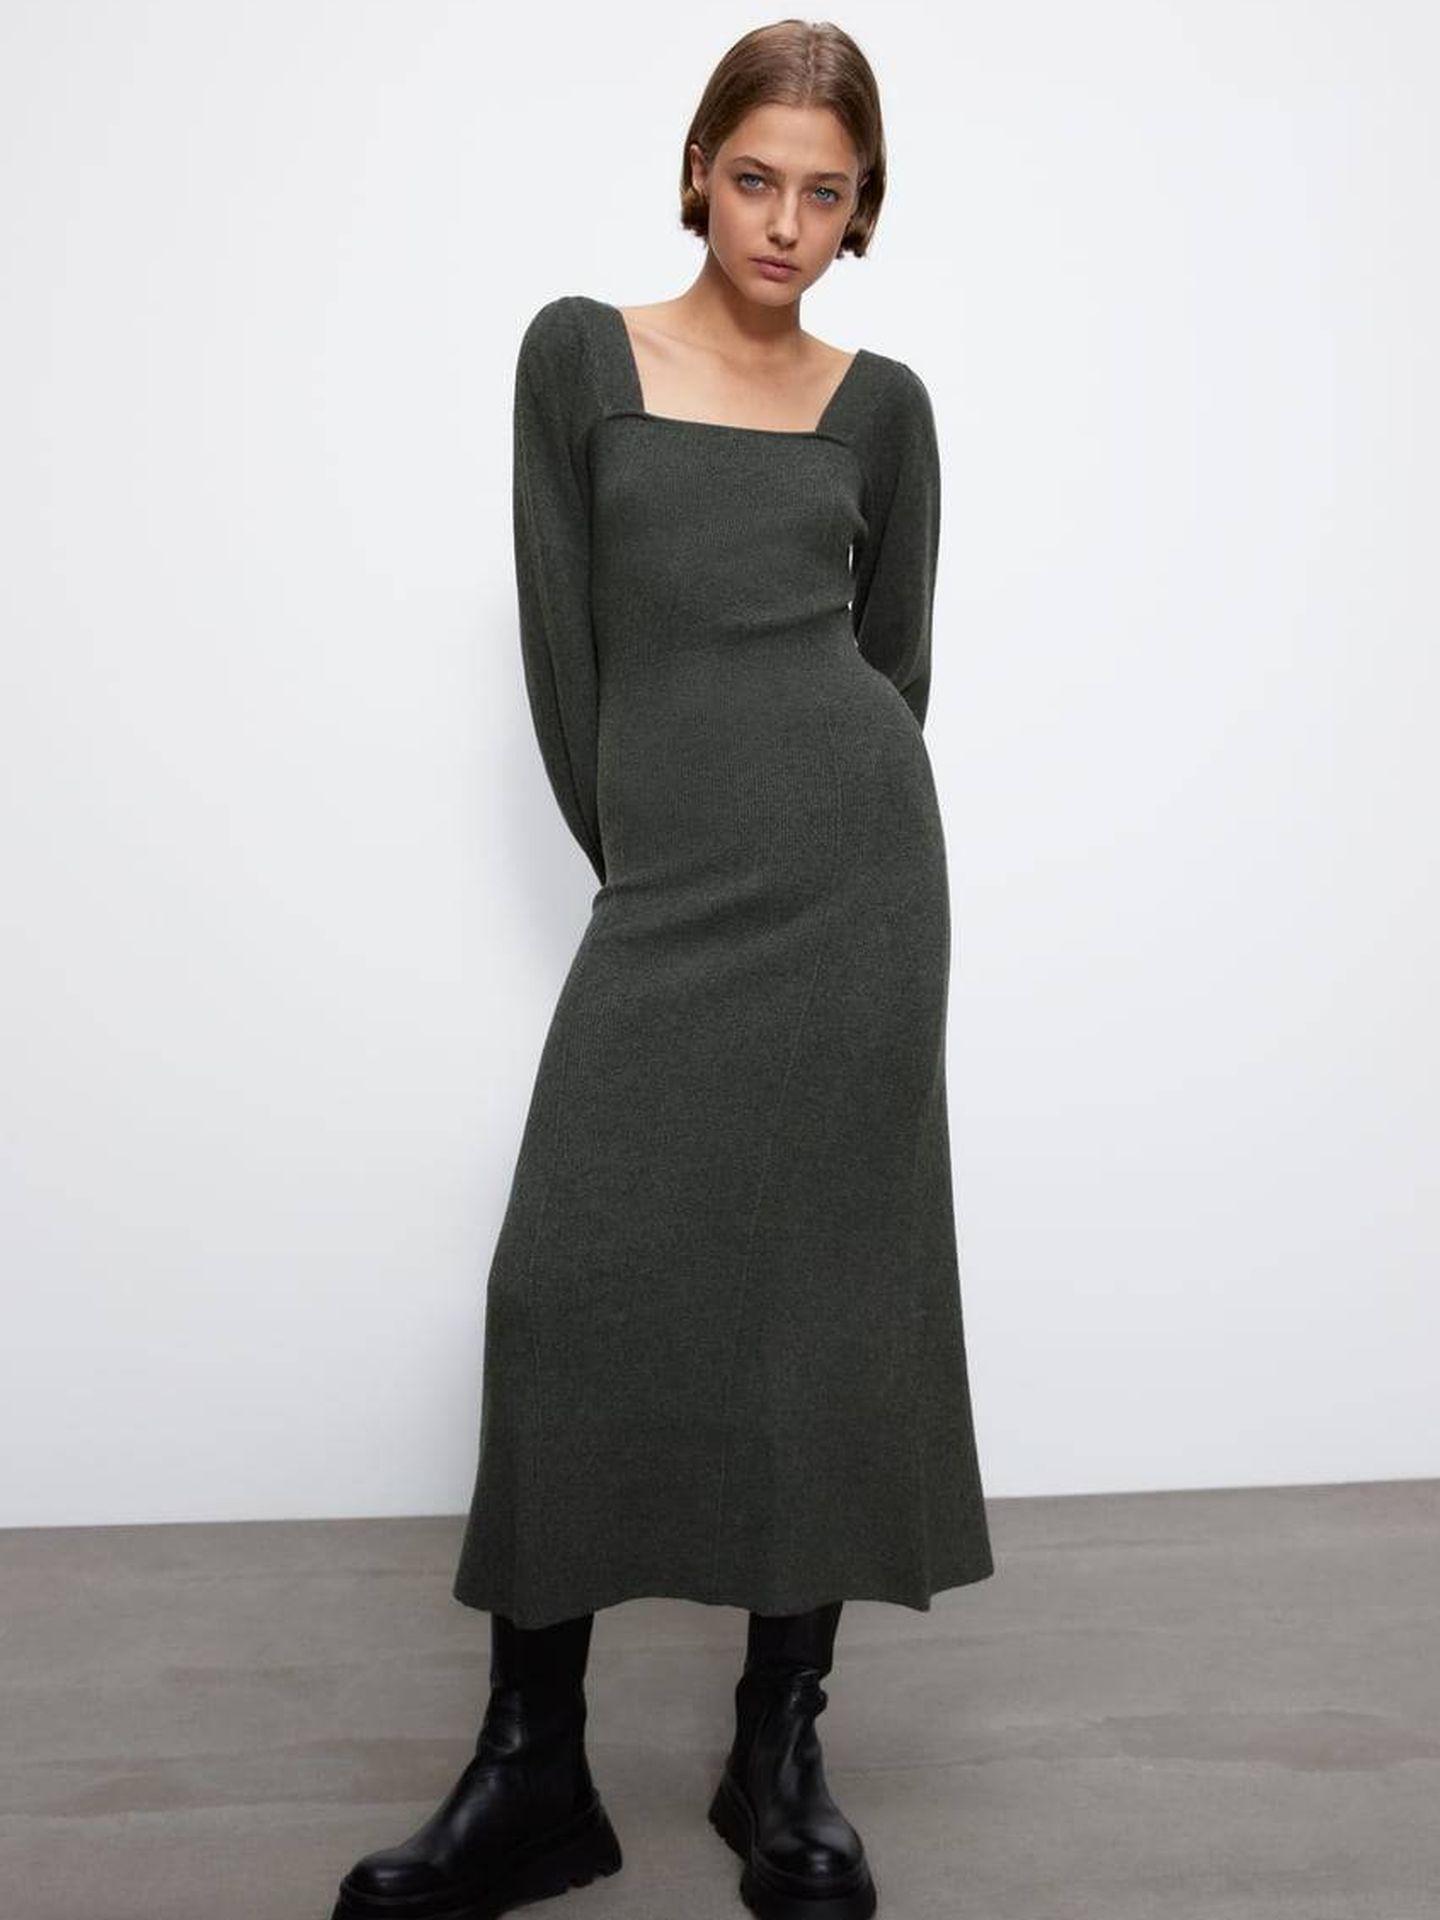 Sara Carbonero y el vestido de Zara de sus sueños. (Cortesía)